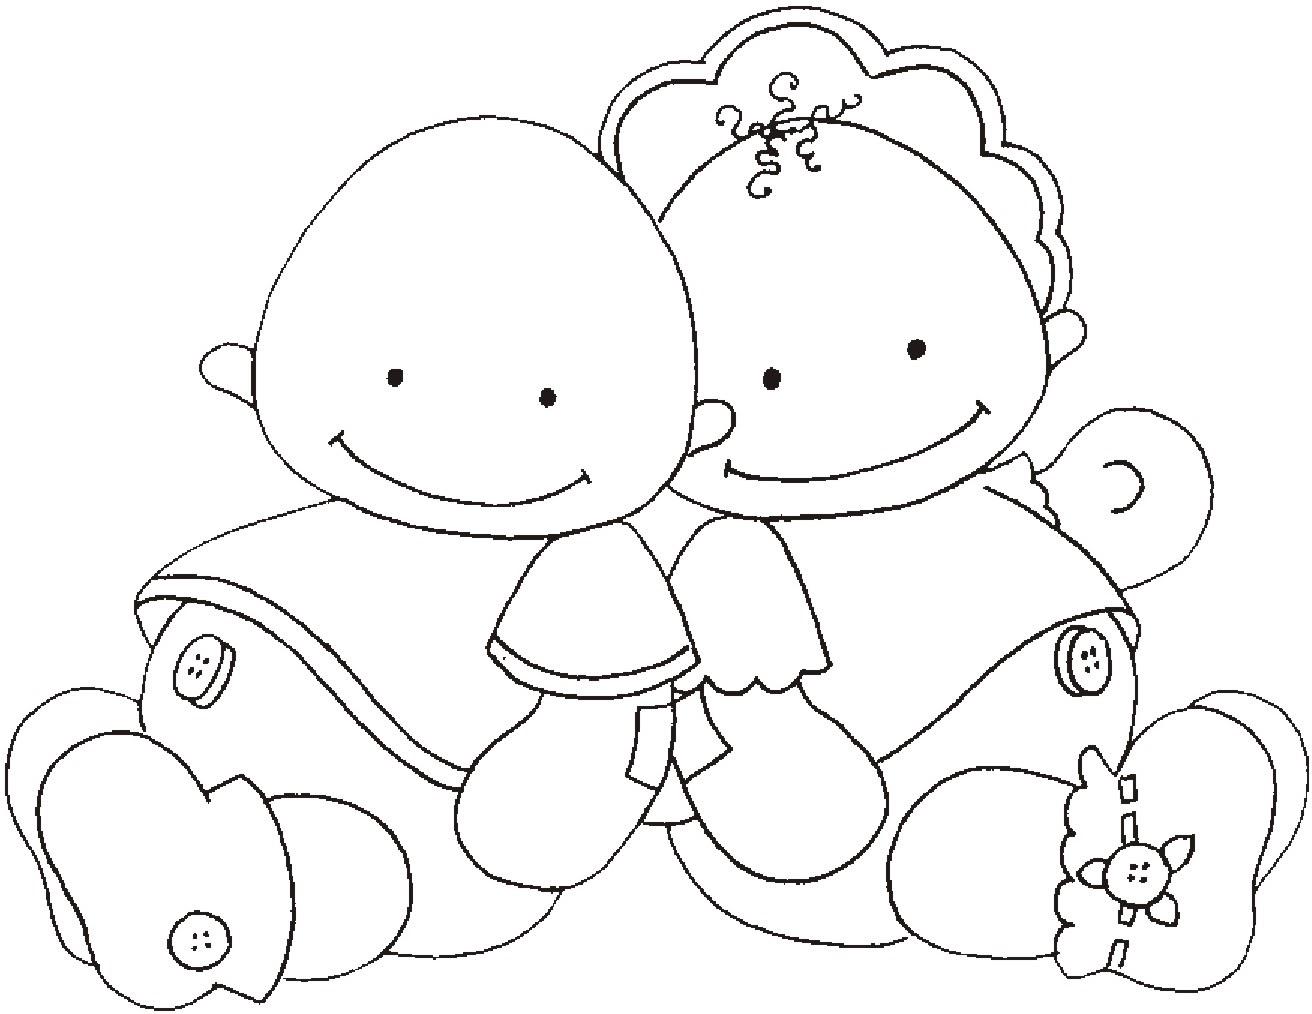 Dibujos para colorear bebes recien nacidos - Dibujos para colorear